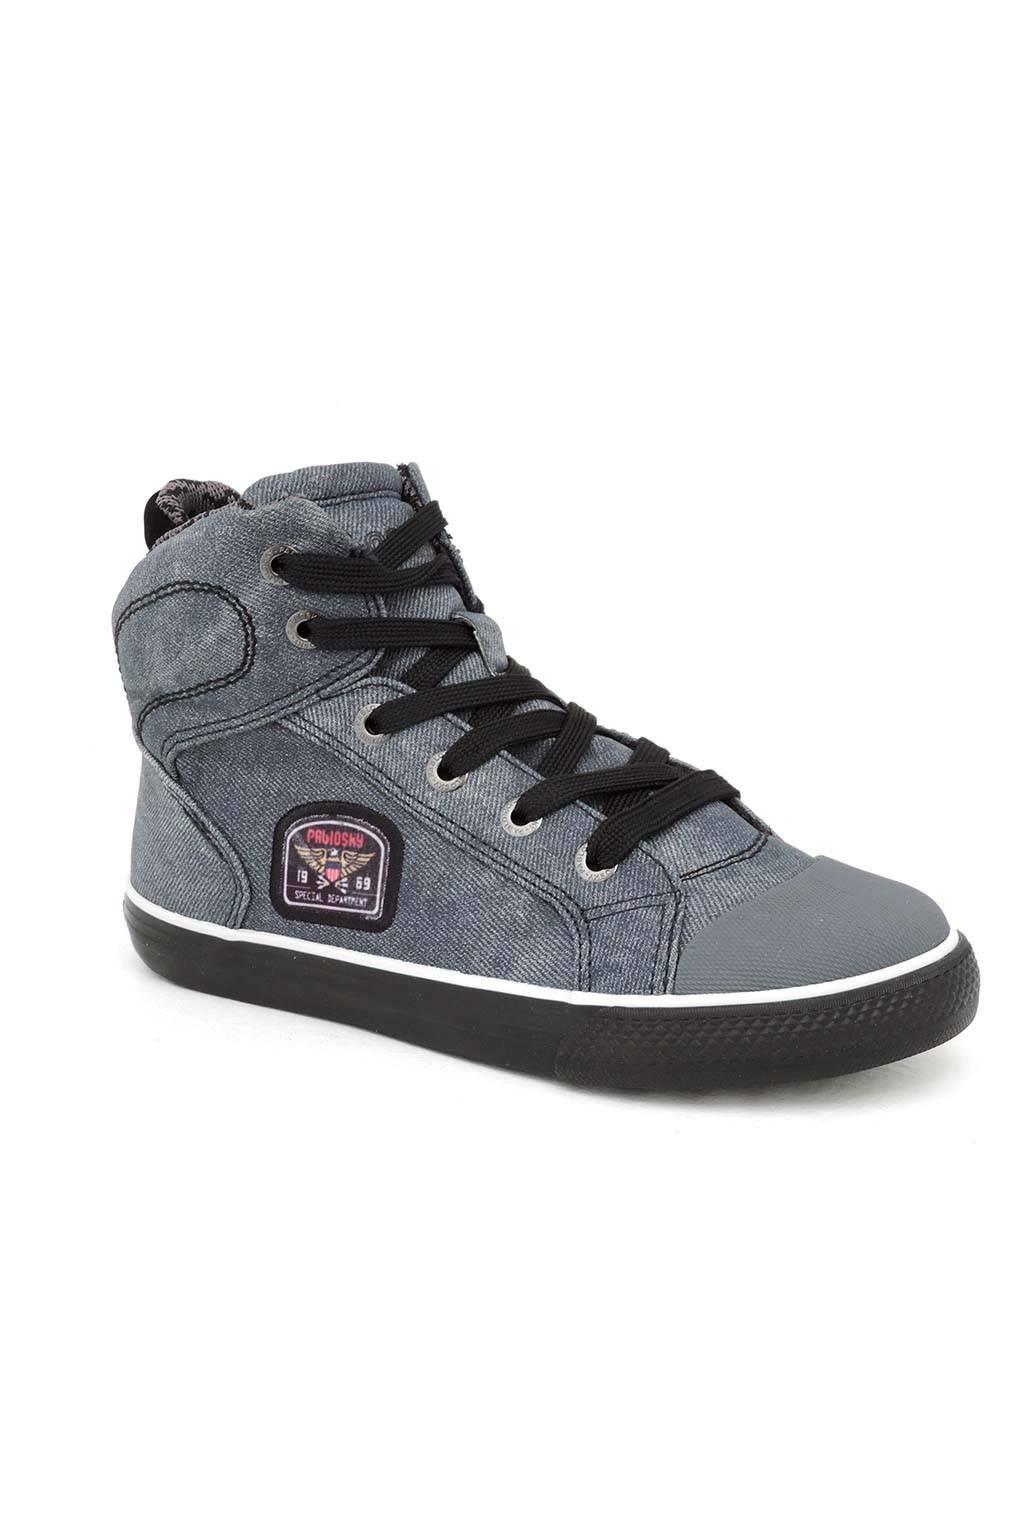 Pablosky 945331 jeans